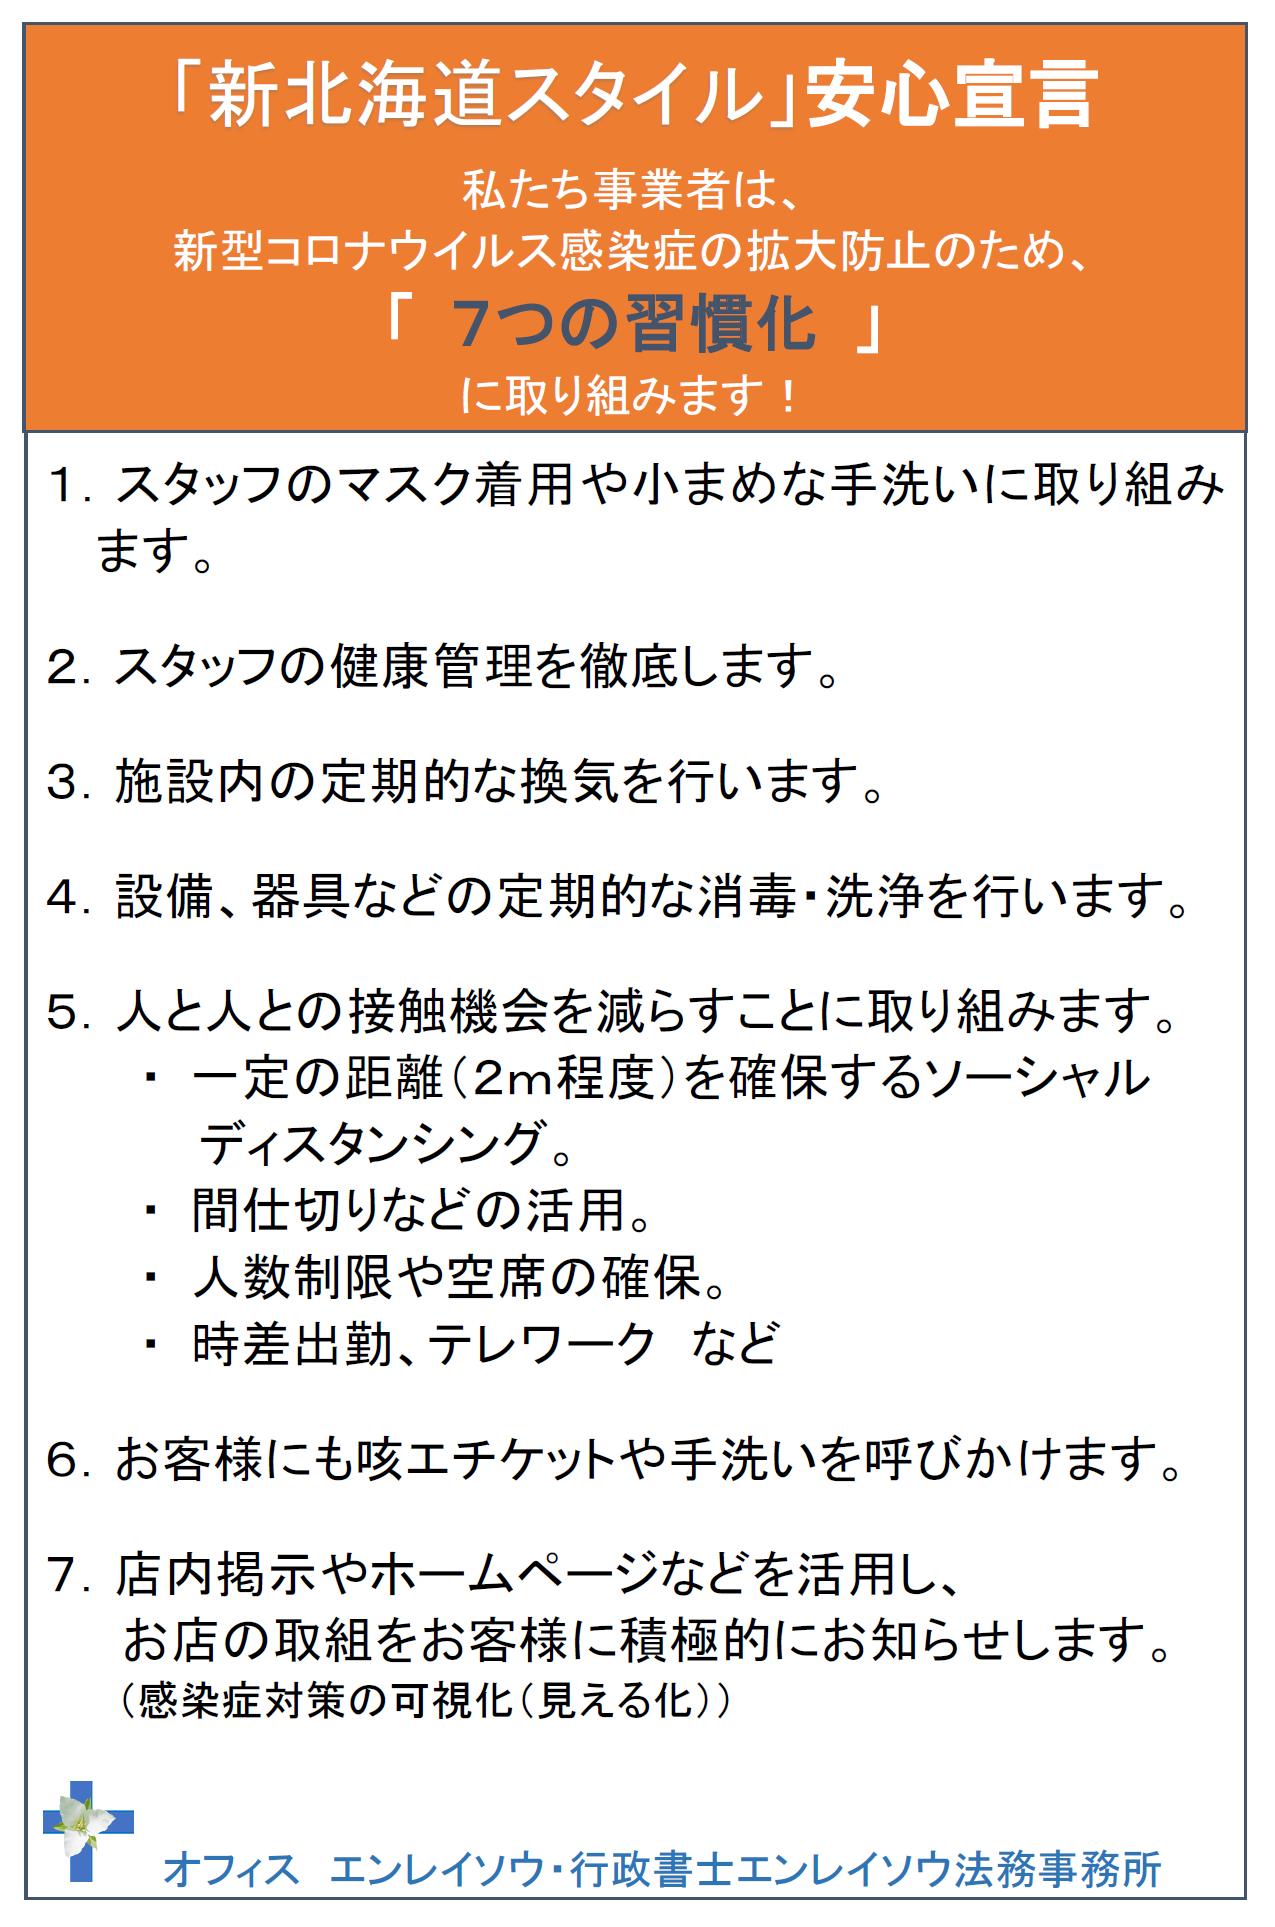 新北海道スタイル安心宣言(オフィスエンレイソウ・行政書士エンレイソウ法務事務所)